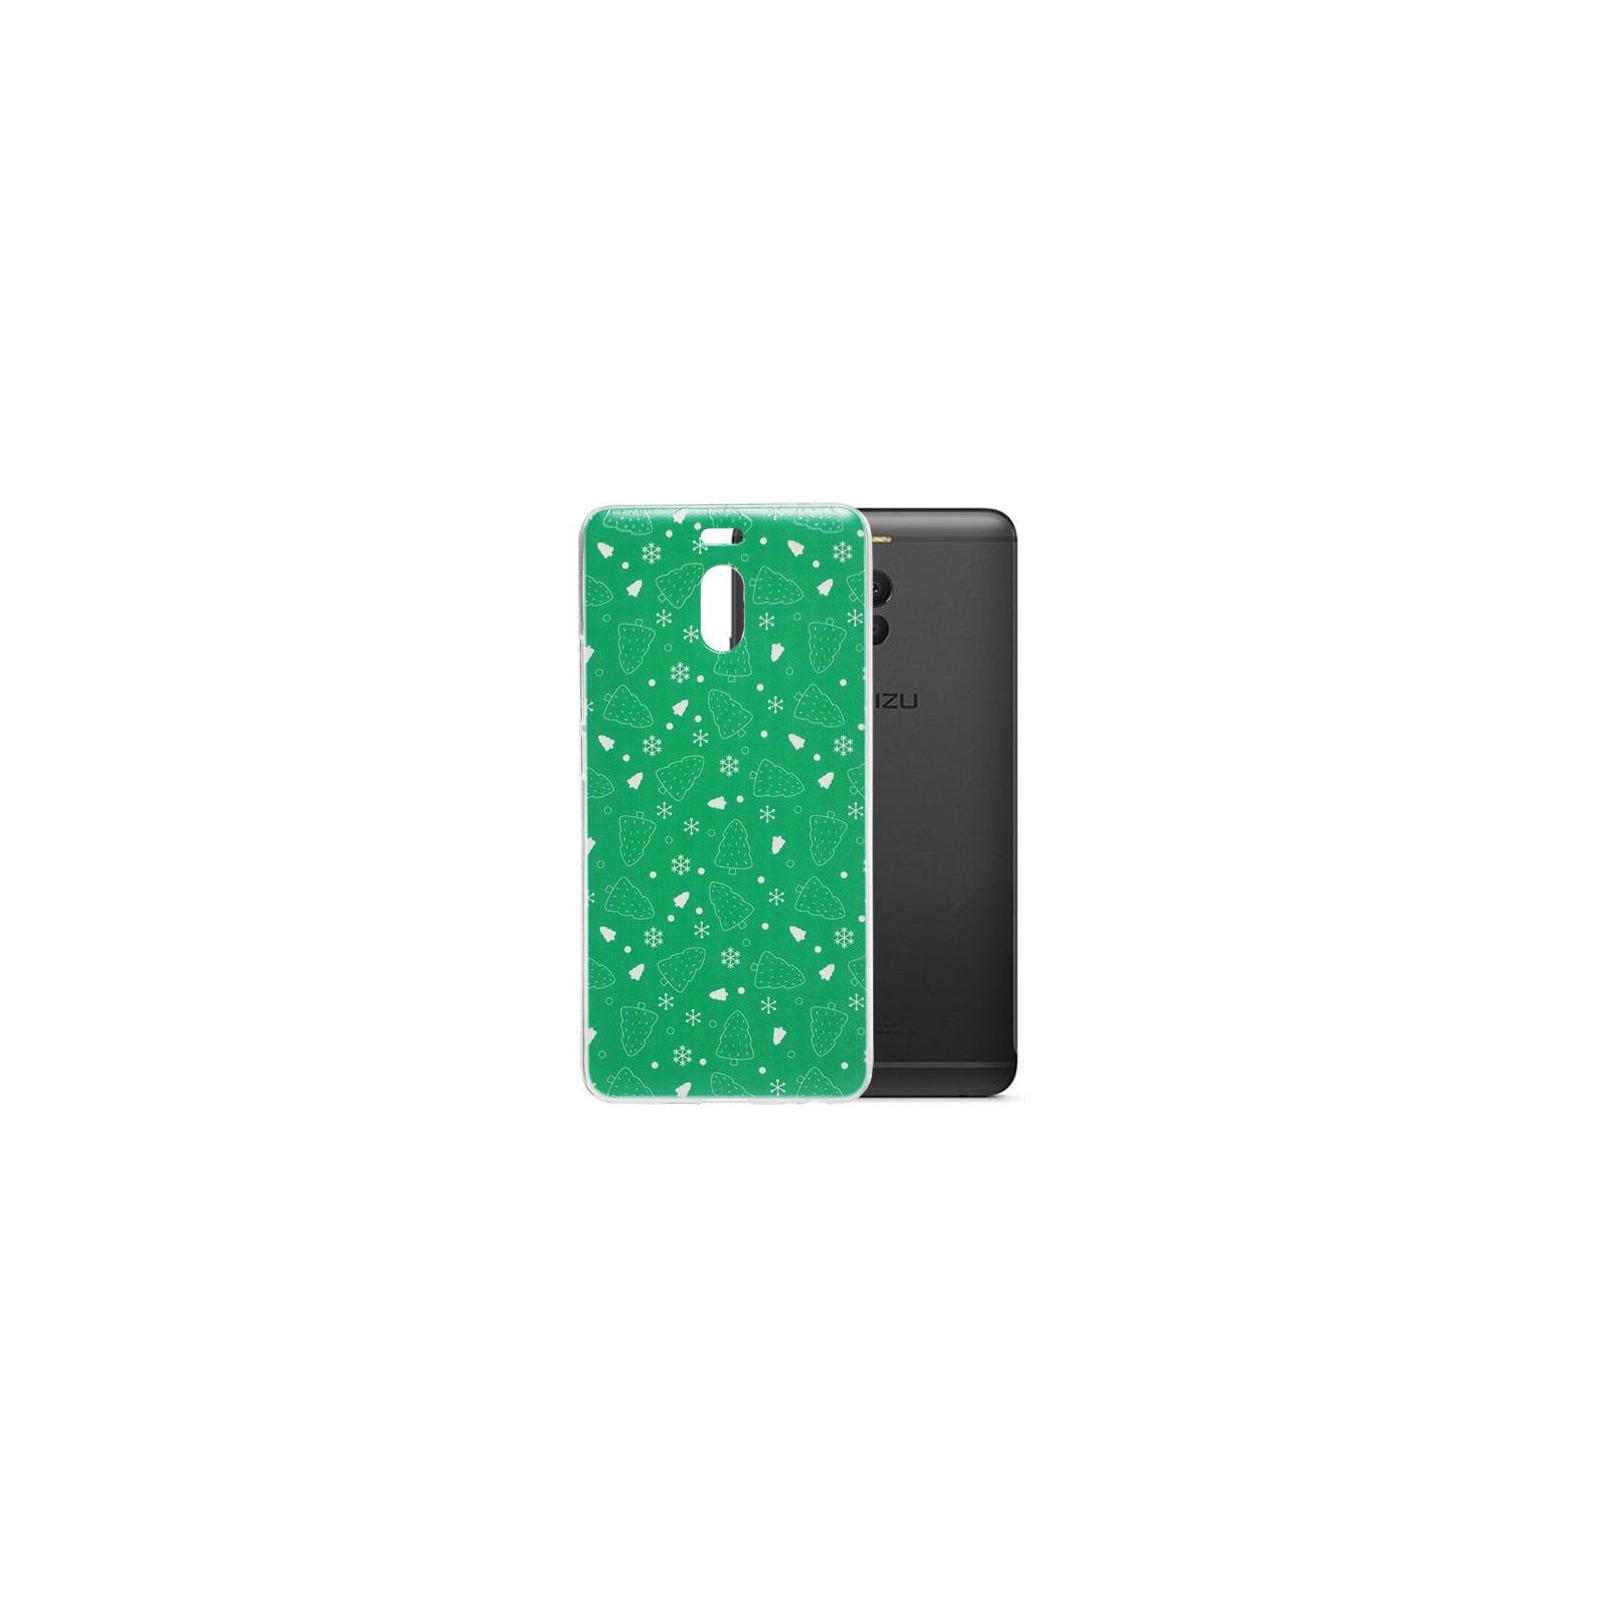 Чехол для моб. телефона Colorway ultrathin TPU case for Meizu M6 Note, pic. А018 (CW-CTPMM6N-TRP) изображение 3